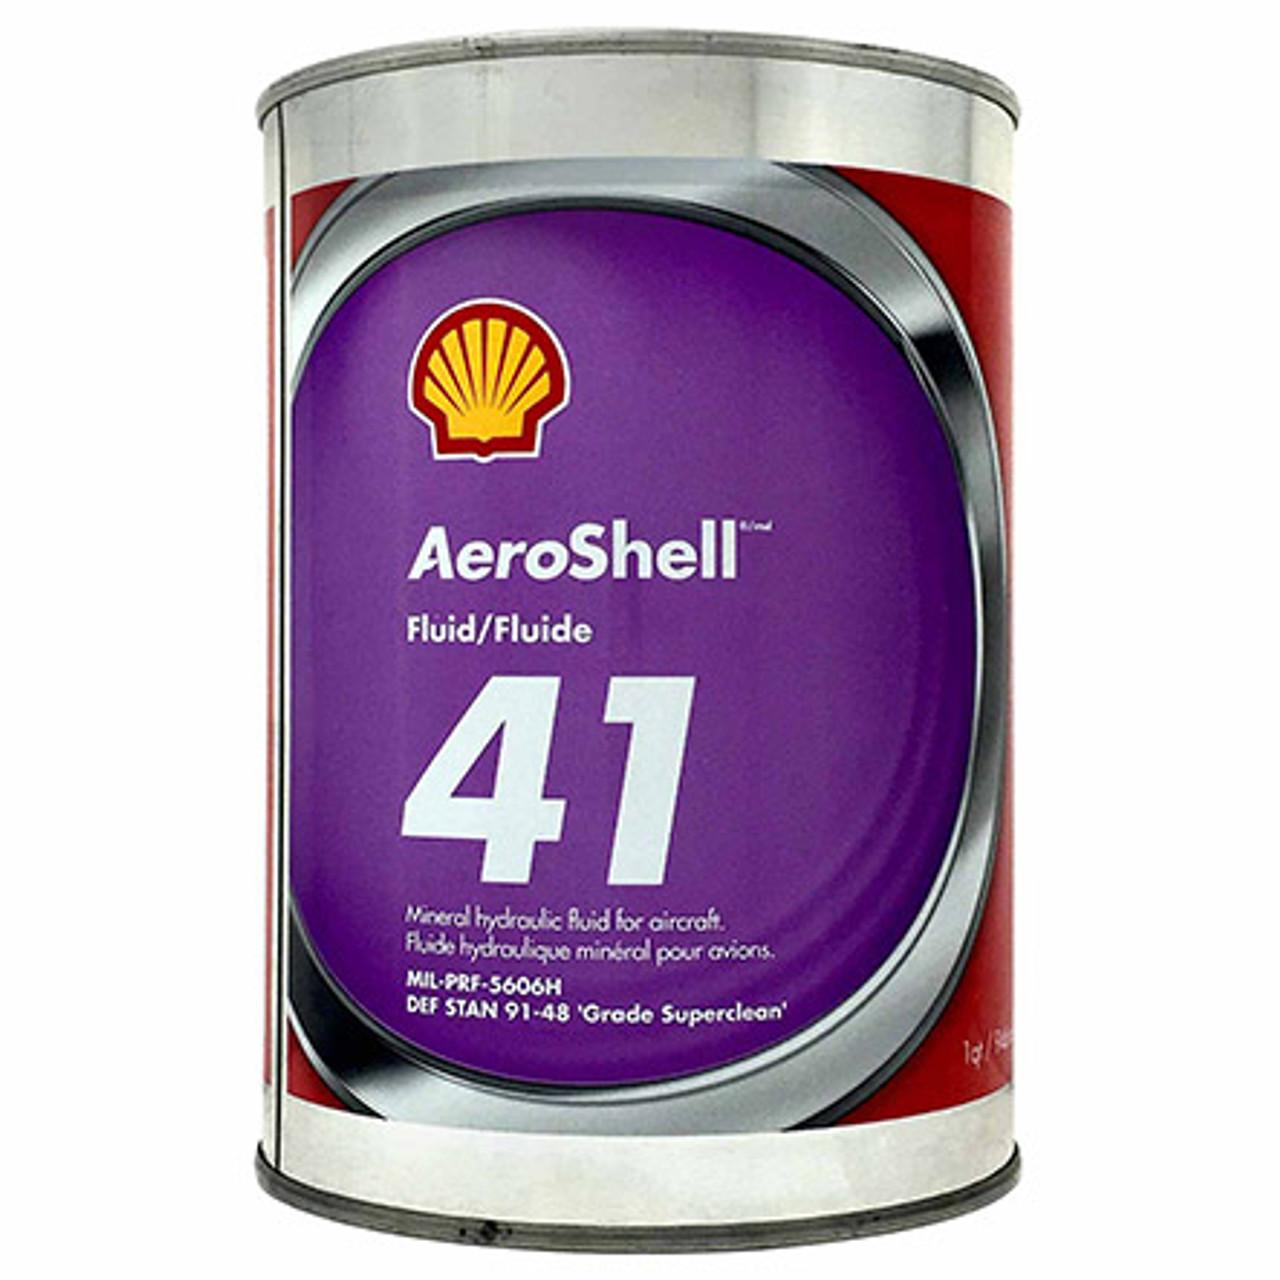 Aeroshell 41 Hydraulic Fluid - 1 Quart